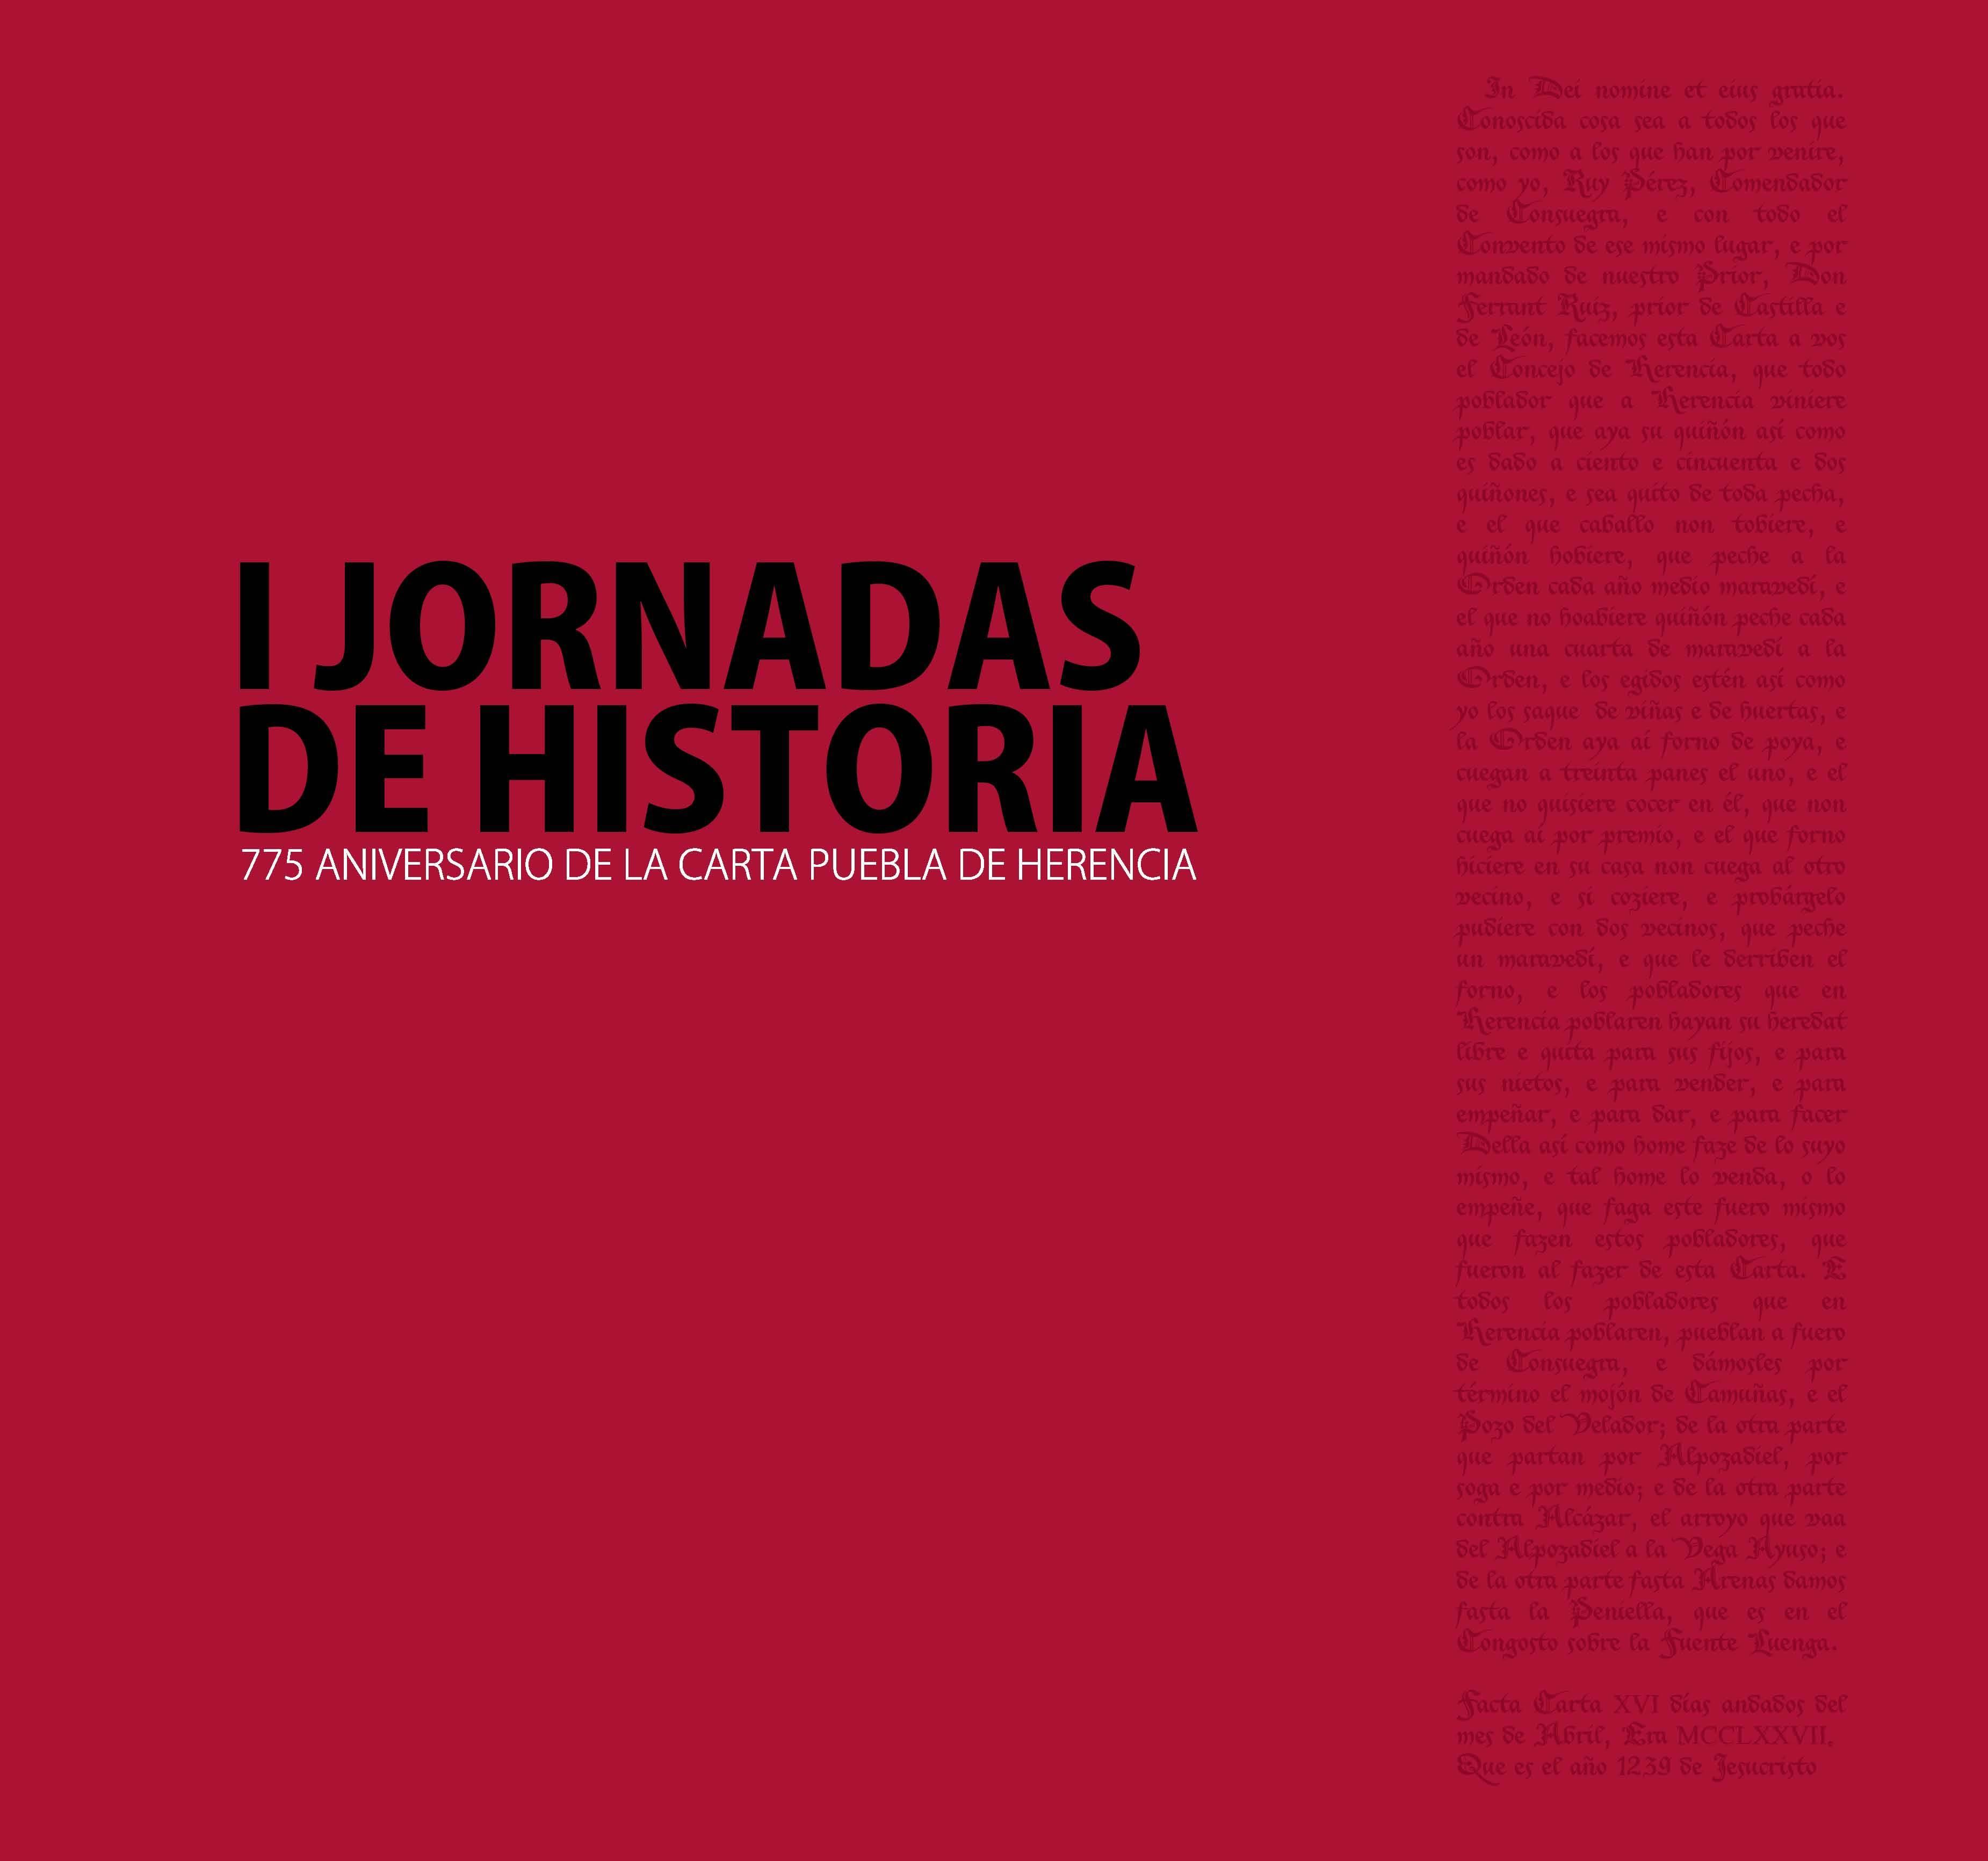 """herencia portada libro jornadas historicas - Presentación del libro """"I Jornadas de Historia. 775 Aniversario de la Carta Puebla de Herencia"""""""